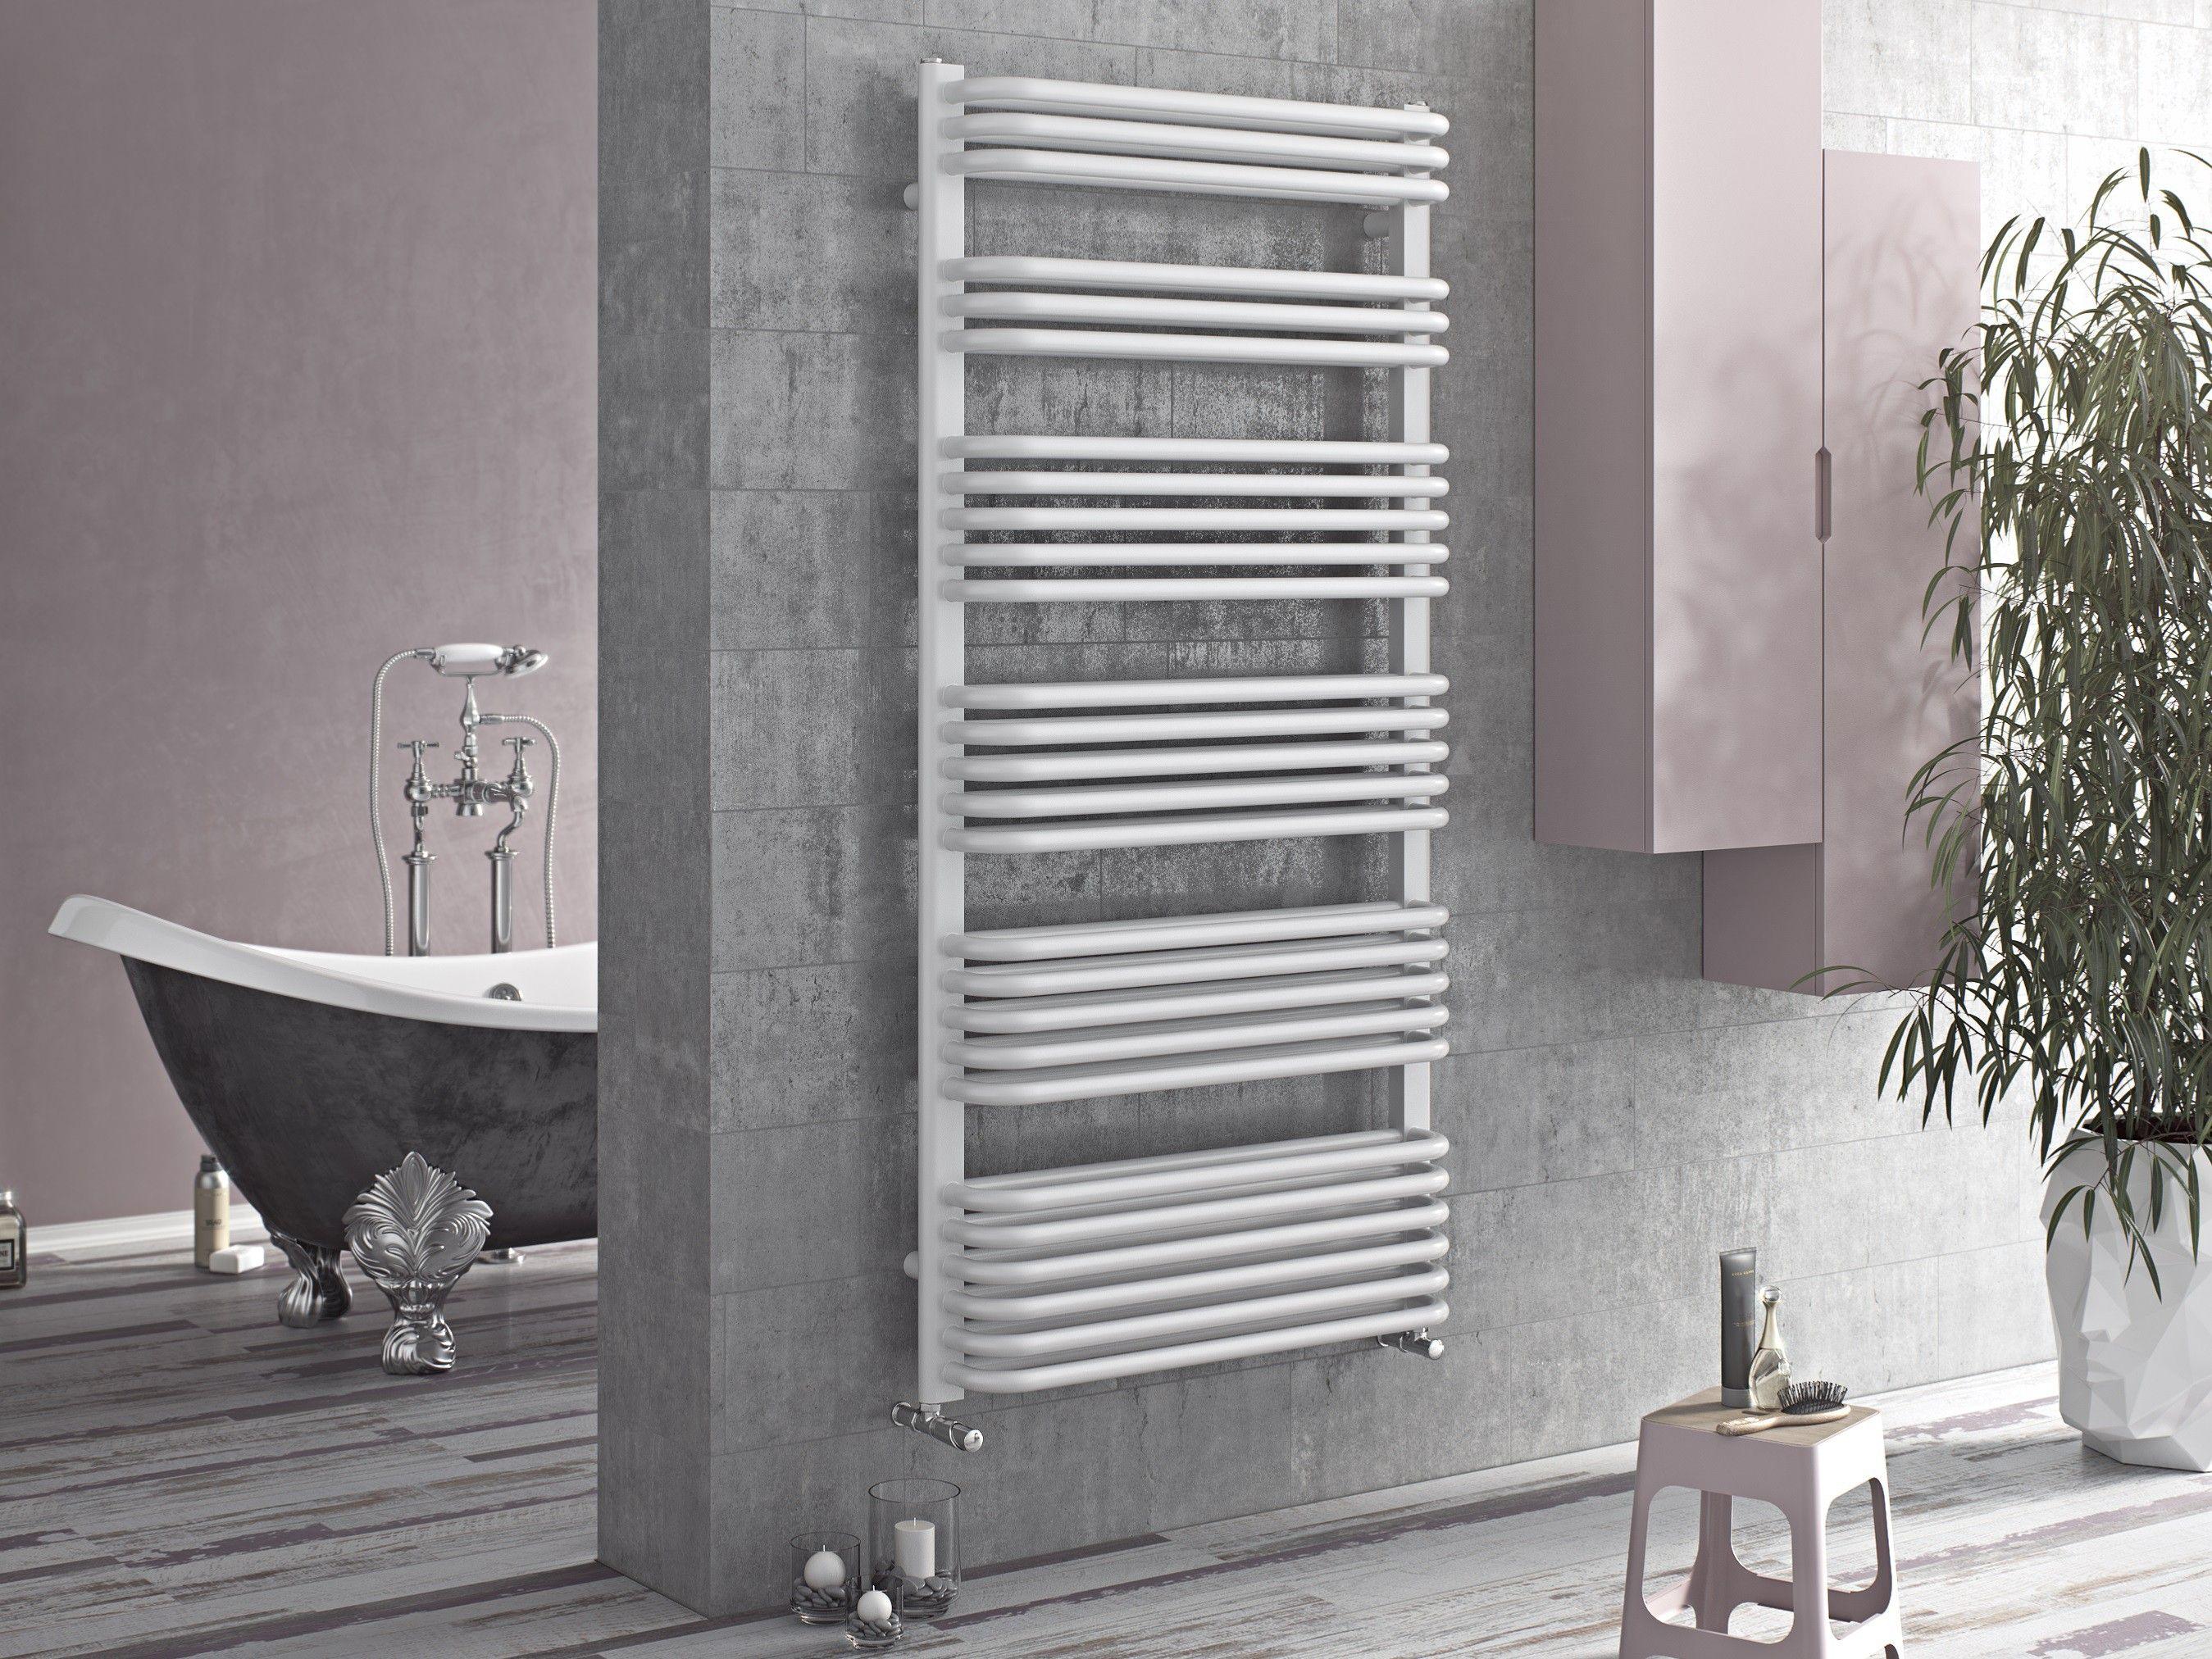 Badezimmer Heizkörper ~ Design handtuchheizkörper gebogen mm watt höhe